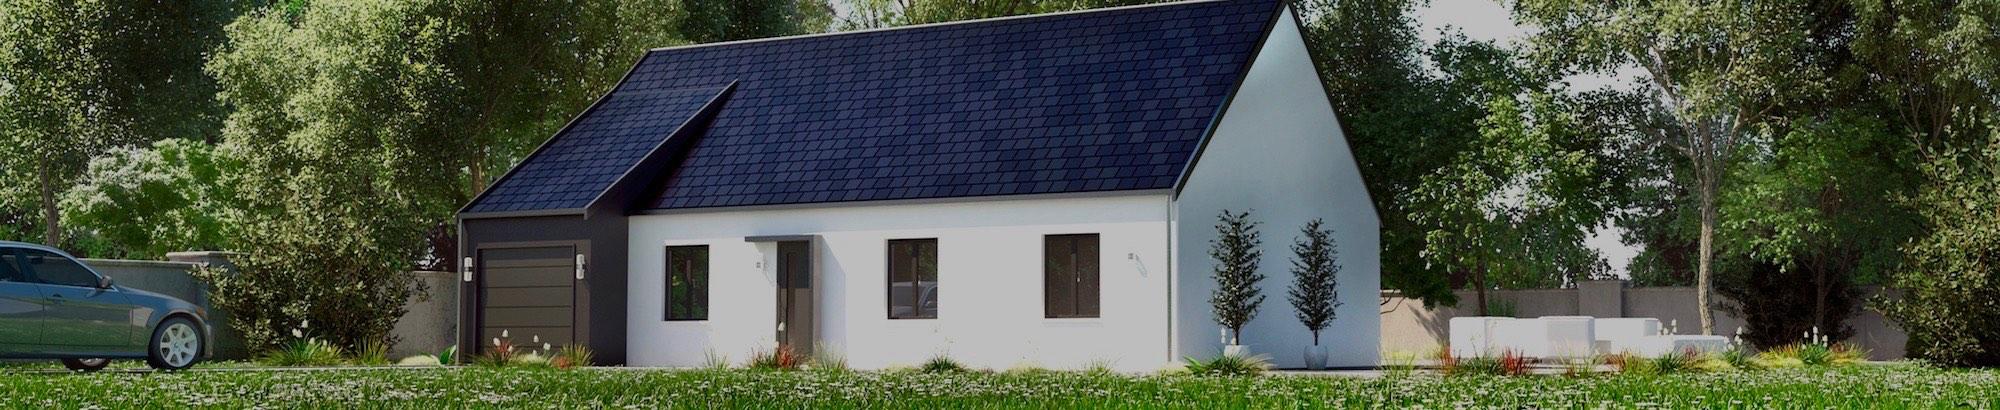 Maisons concept constructeur centre val de loire for Constructeur maison 37